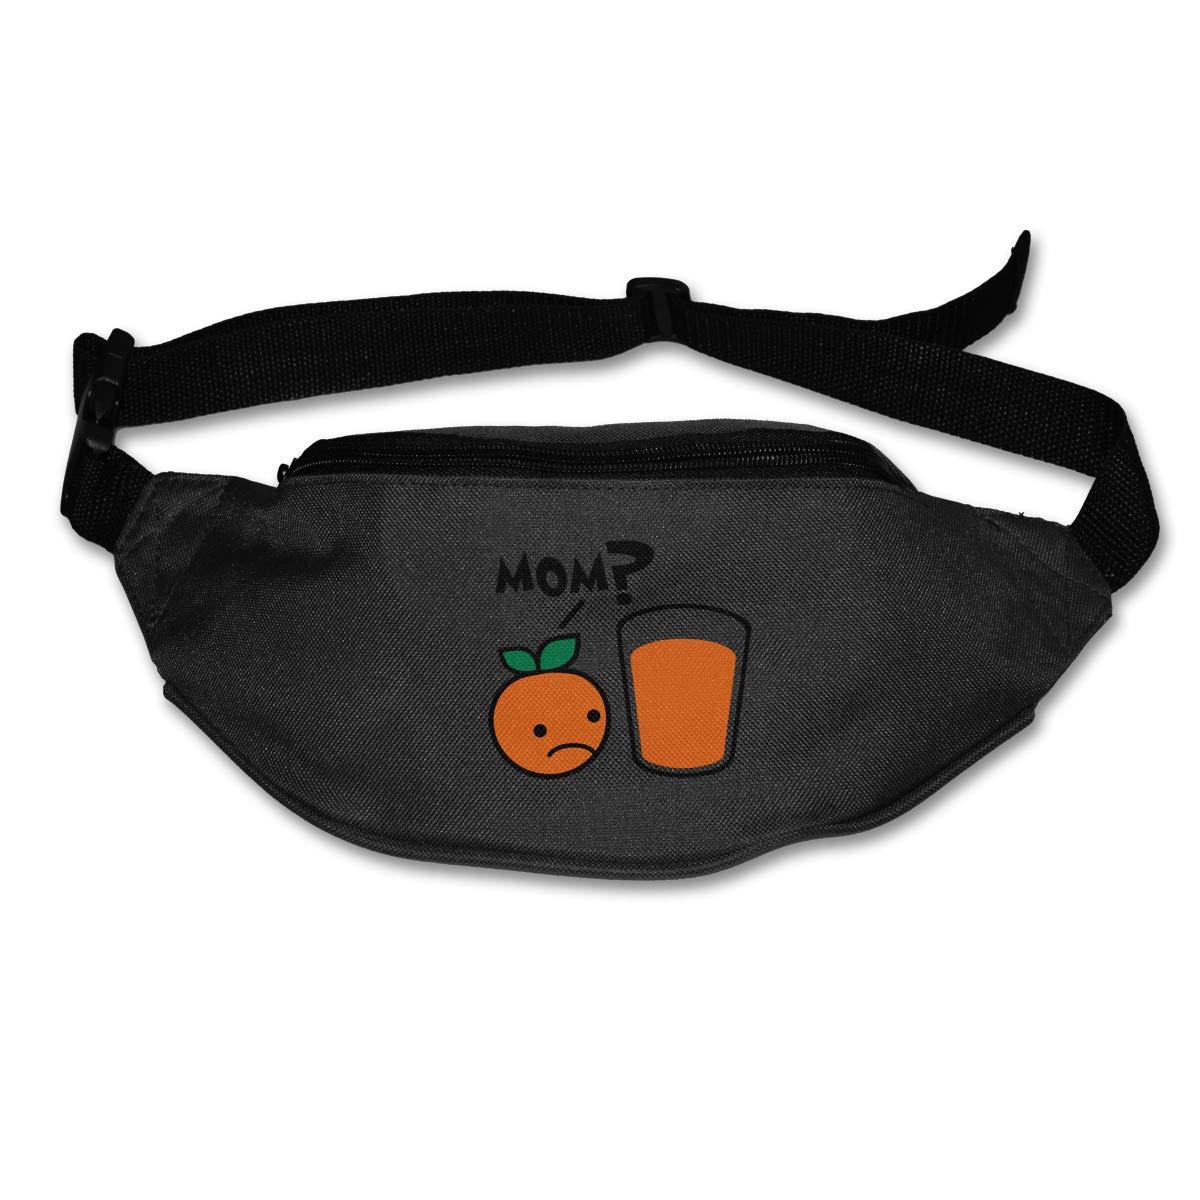 Orange Juice Mom Sport Waist Bag Fanny Pack Adjustable For Hike